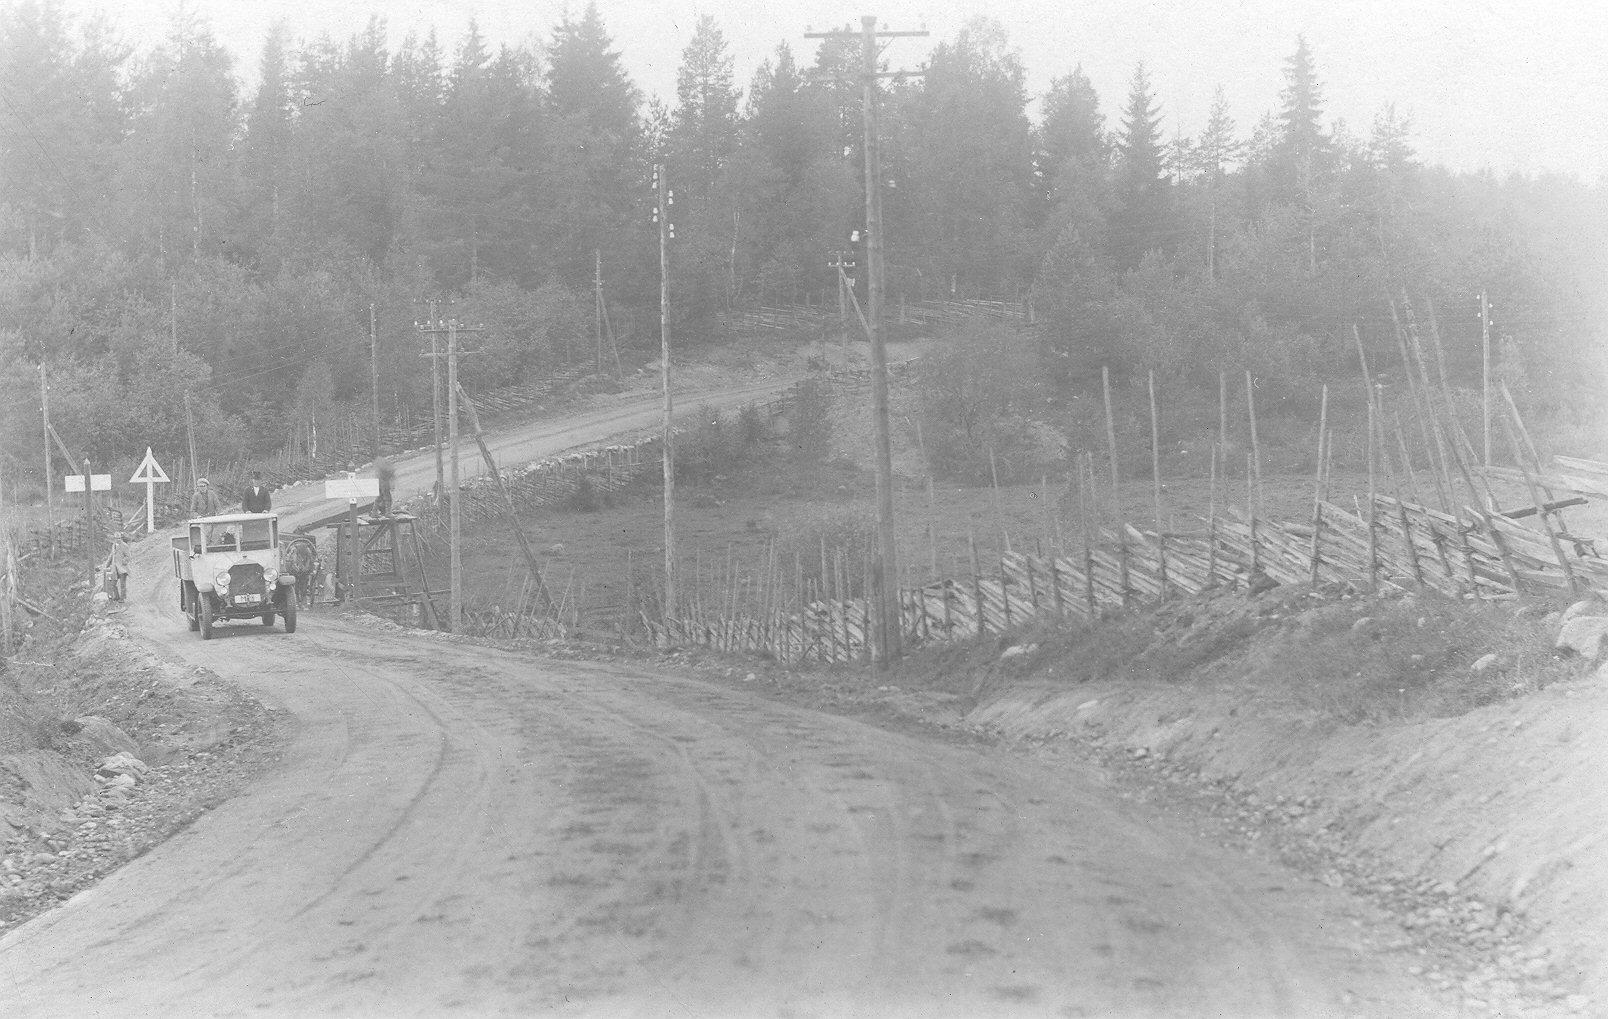 Mustavalkoisessa kuvassa 1920-luvun kuorma-auto ajaa mutkaista soratietä. Tien varressa on valkoisista laudoista tehty kolmionmallinen liikennemerkki.